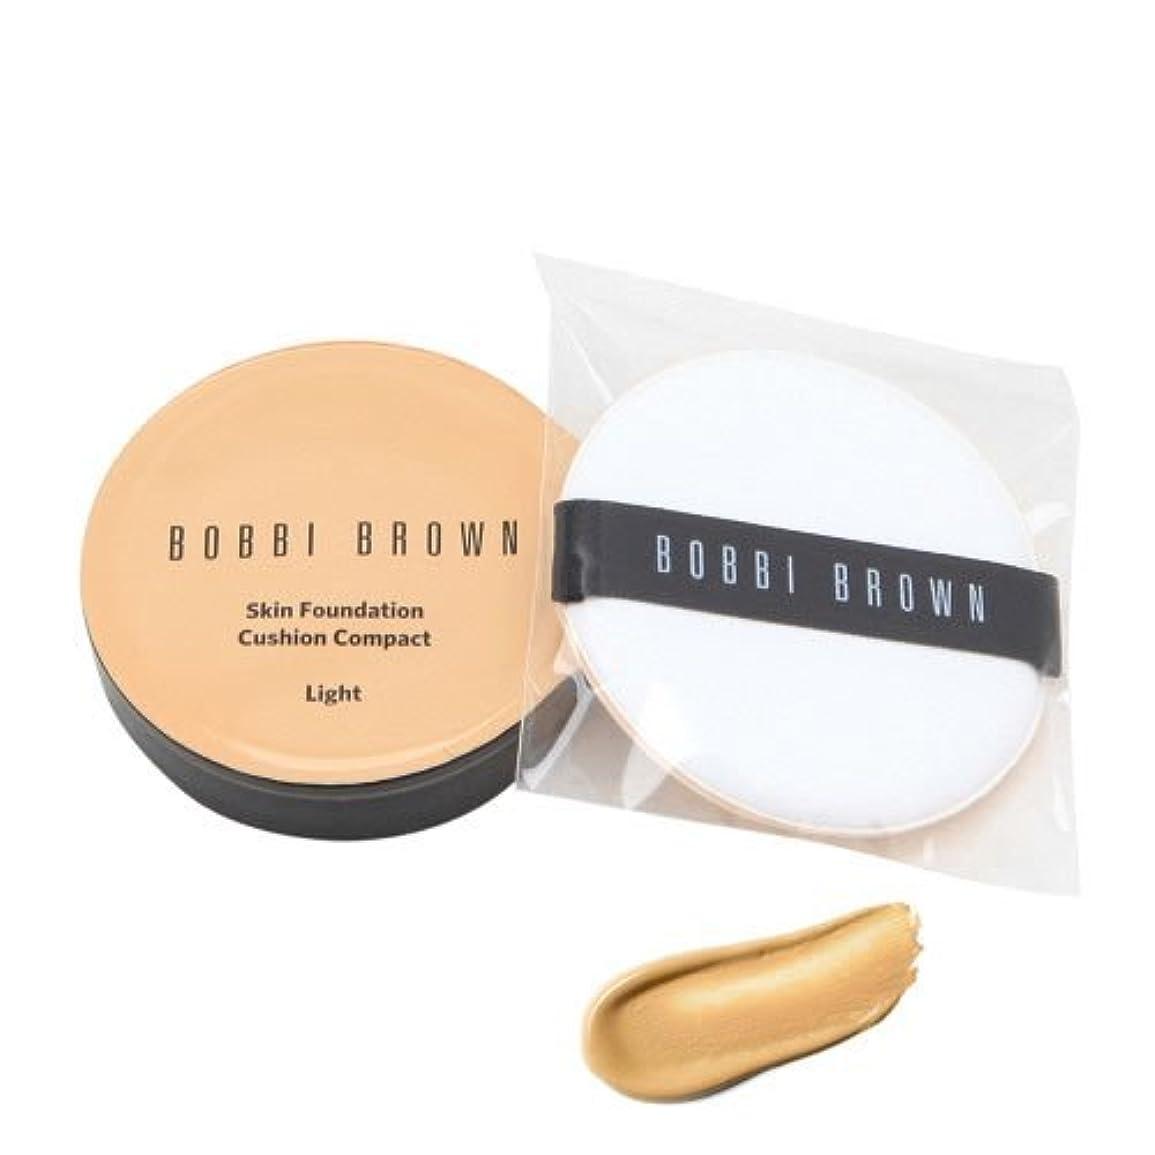 振り向く重要なセーブボビーブラウン BOBBI BROWN スキン ファンデーション クッション コンパクト SPF 50(PA+++) #03 LIGHT [並行輸入品]